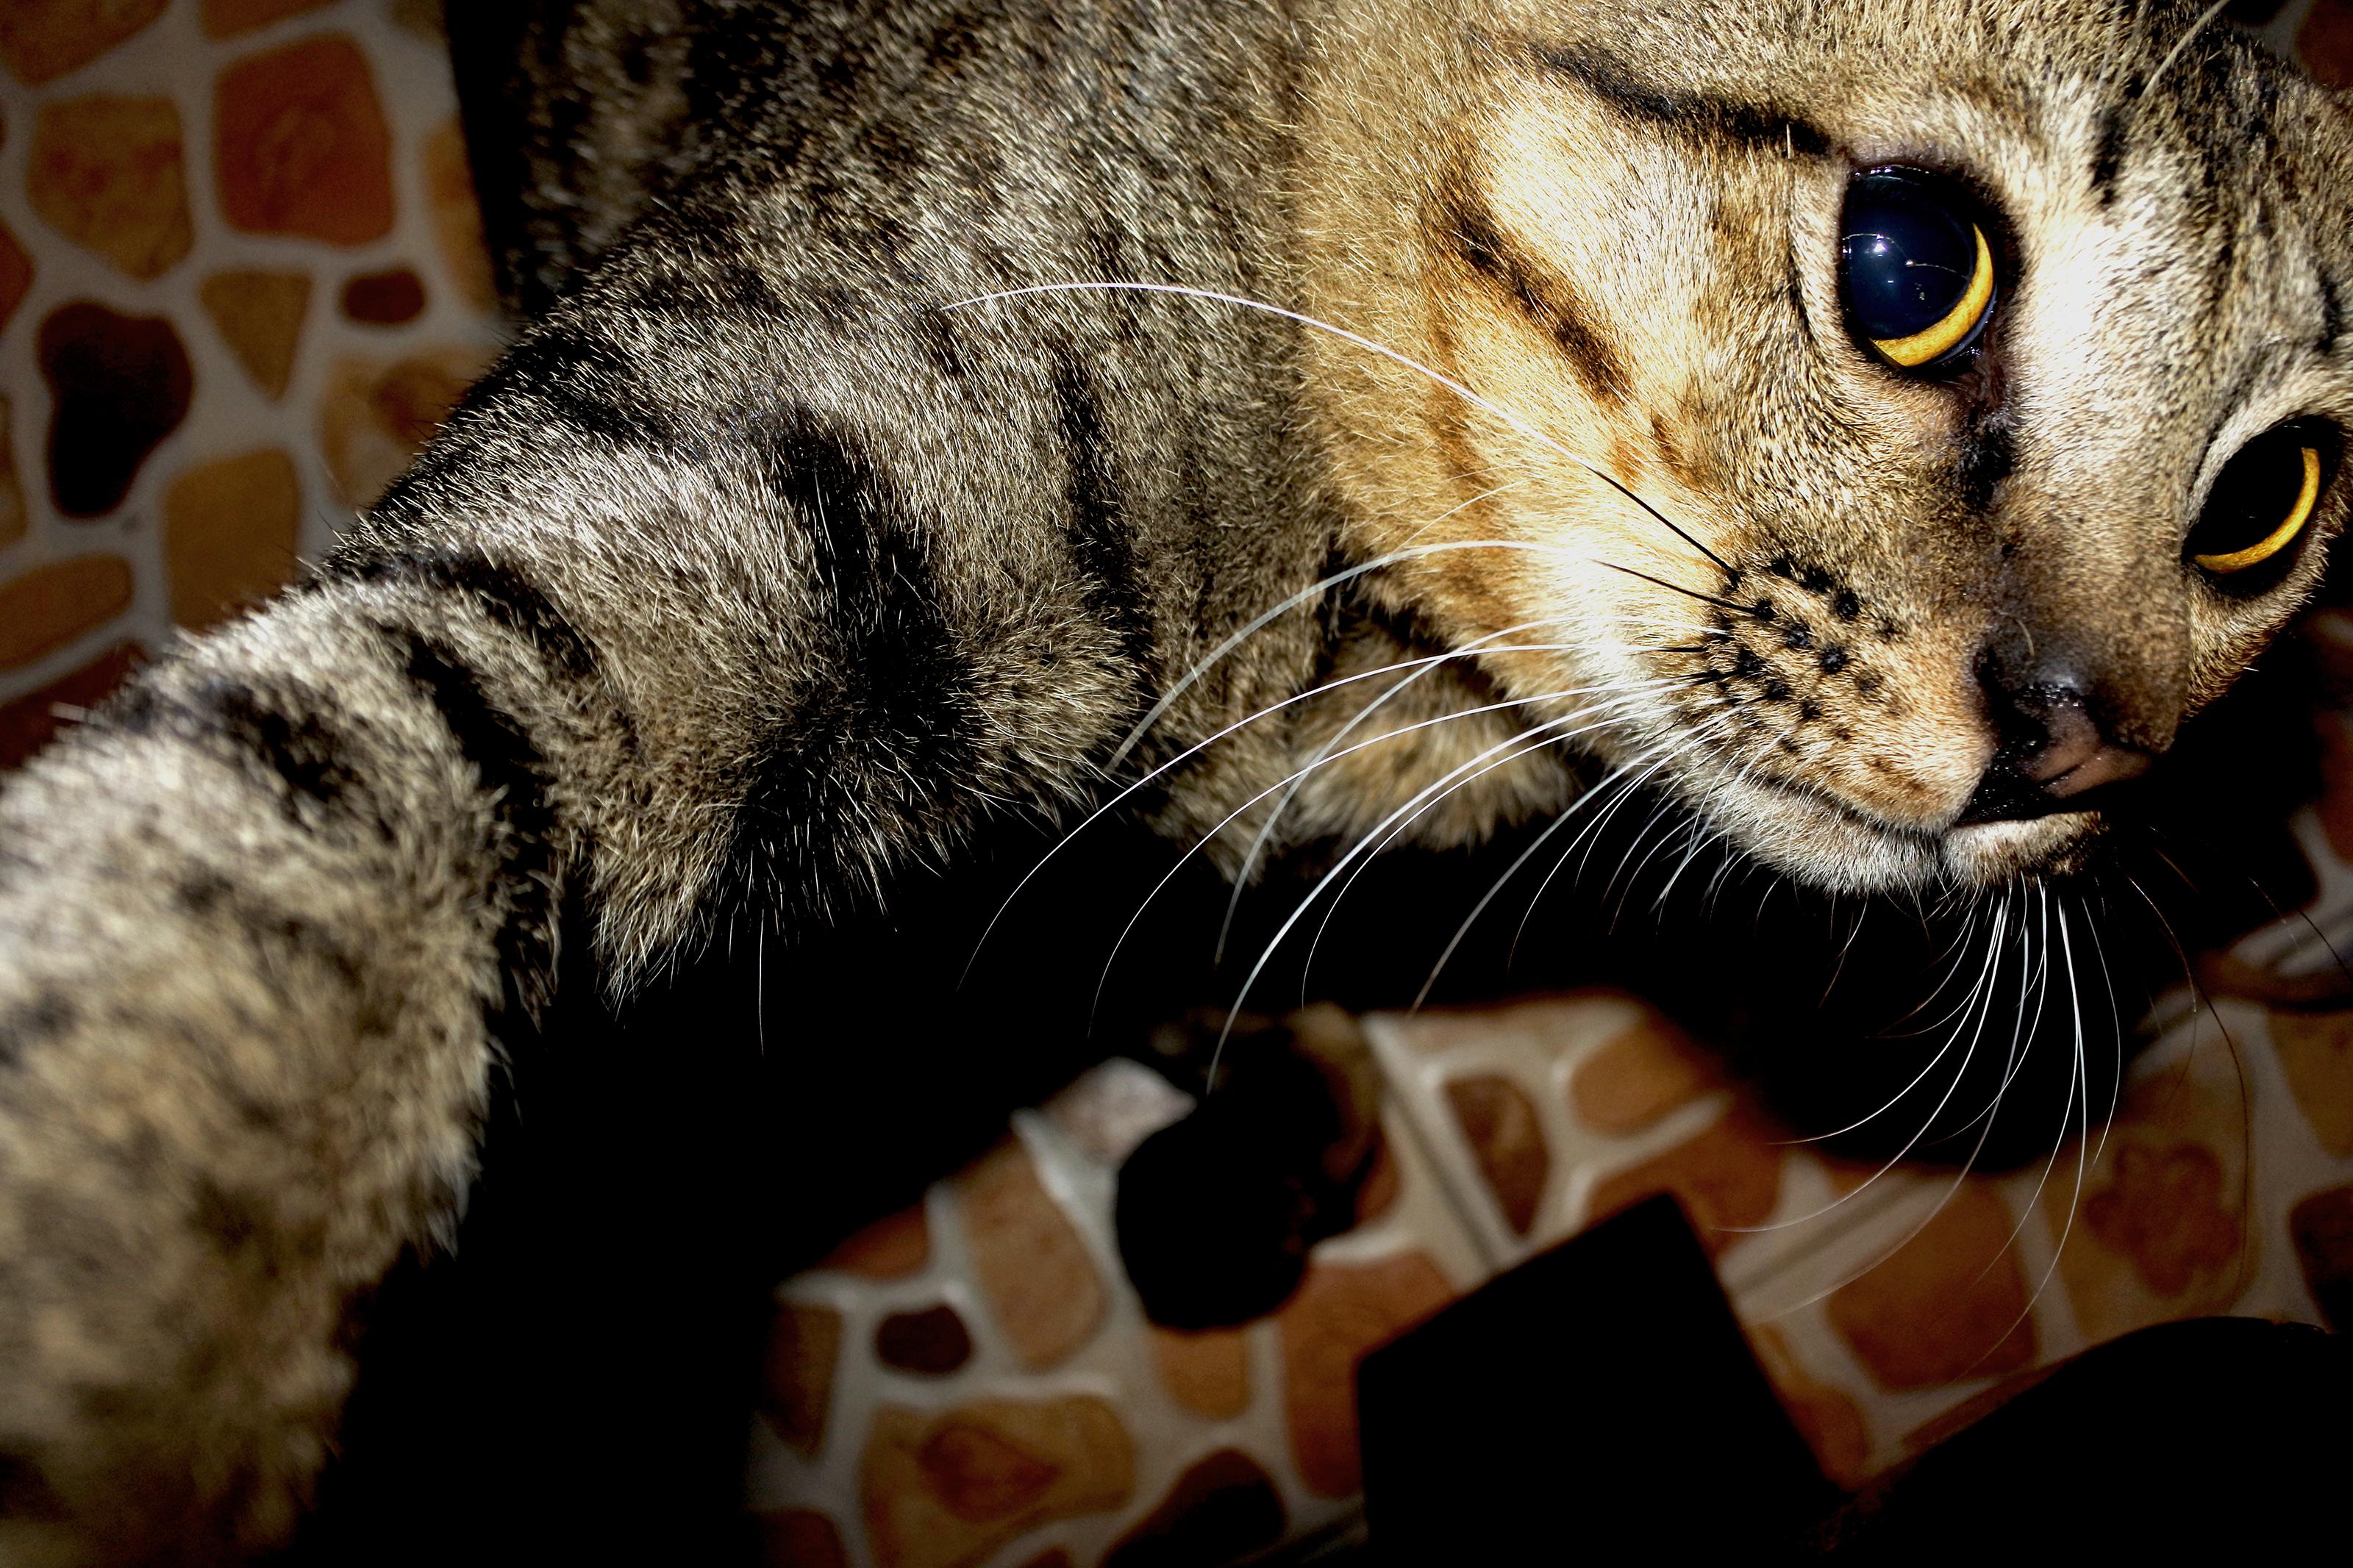 Download 96+  Gambar Kucing Emas Terbaik